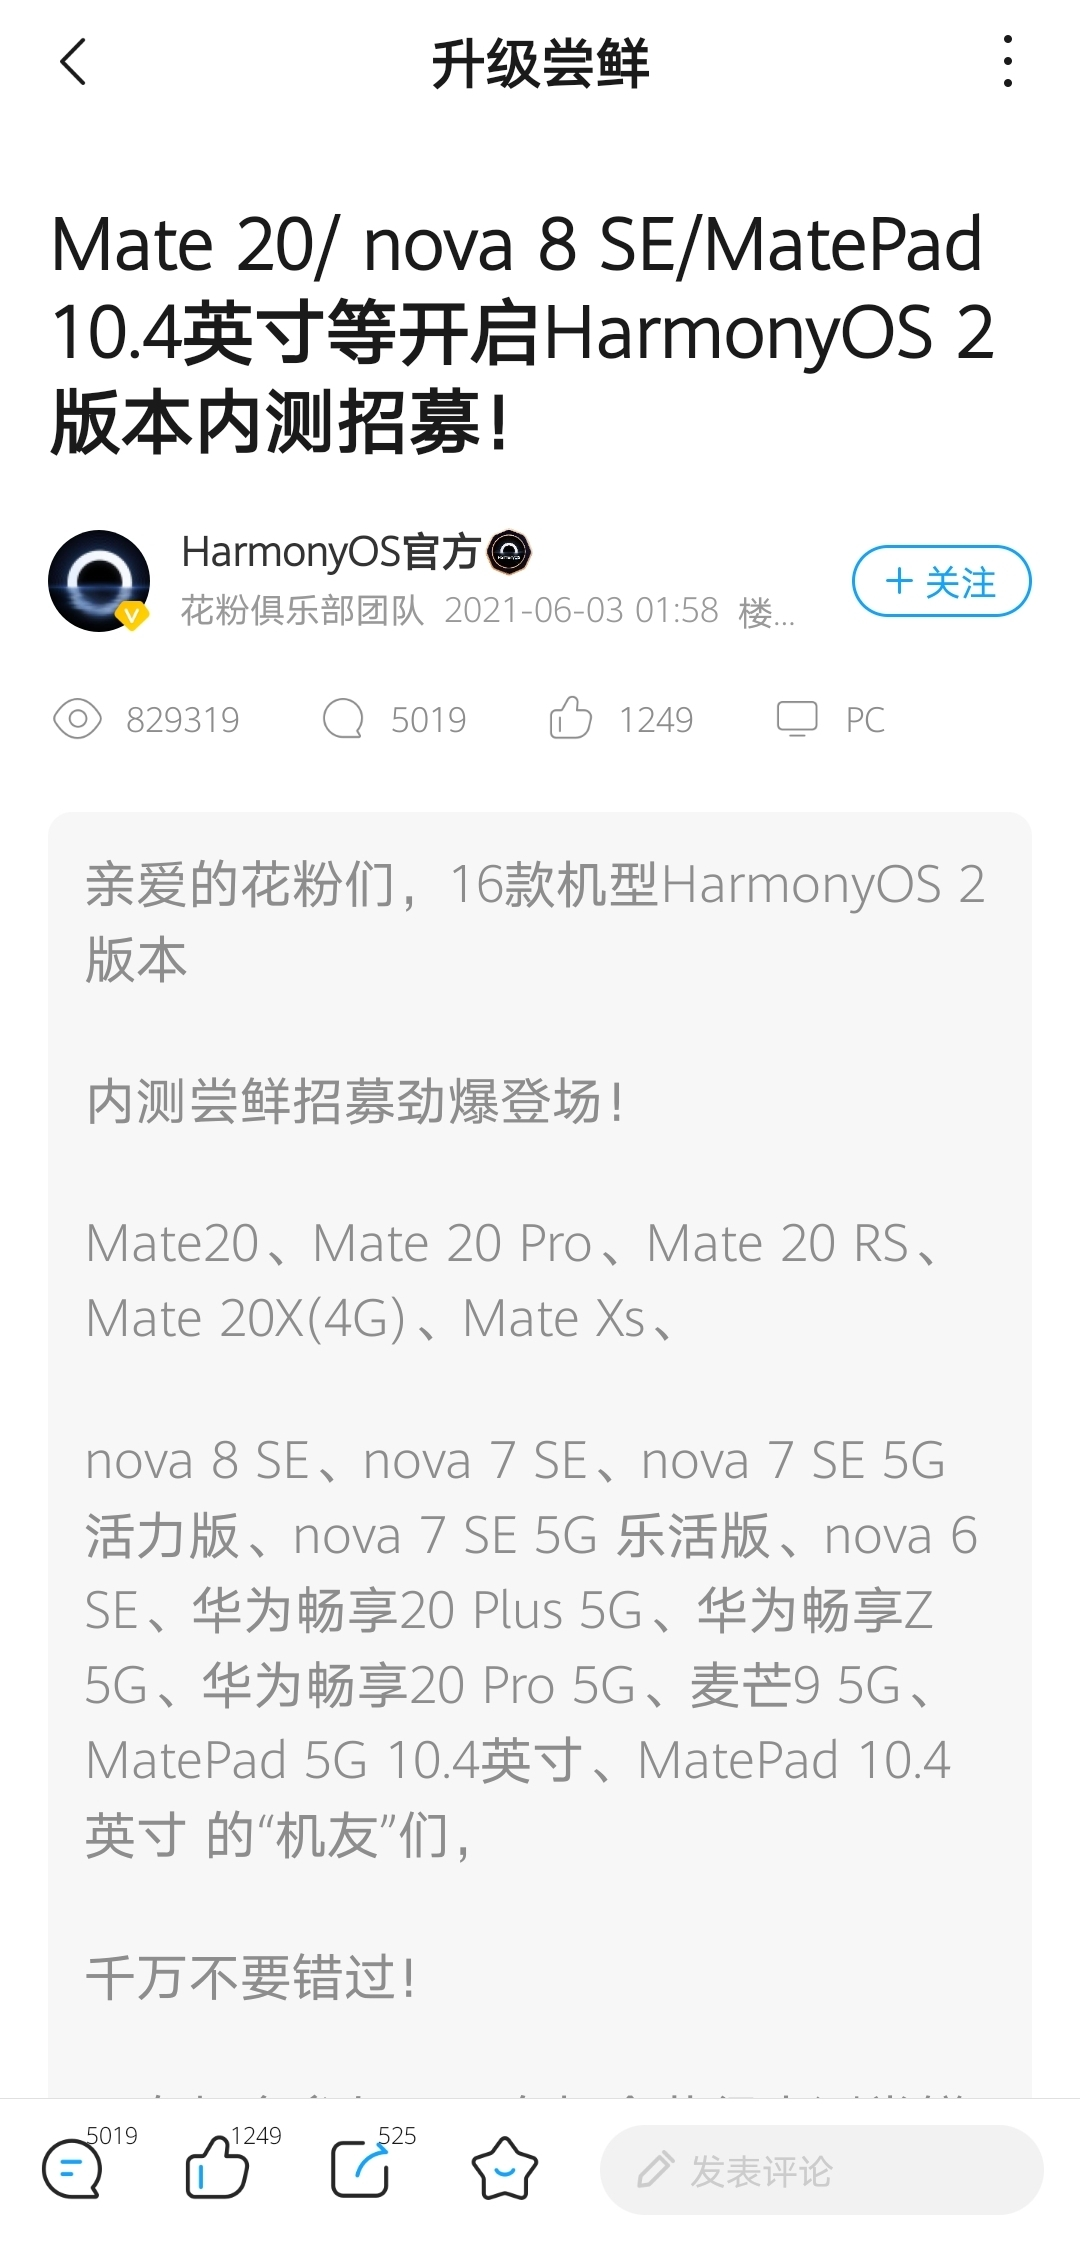 Screenshot_20210605_214009.jpg